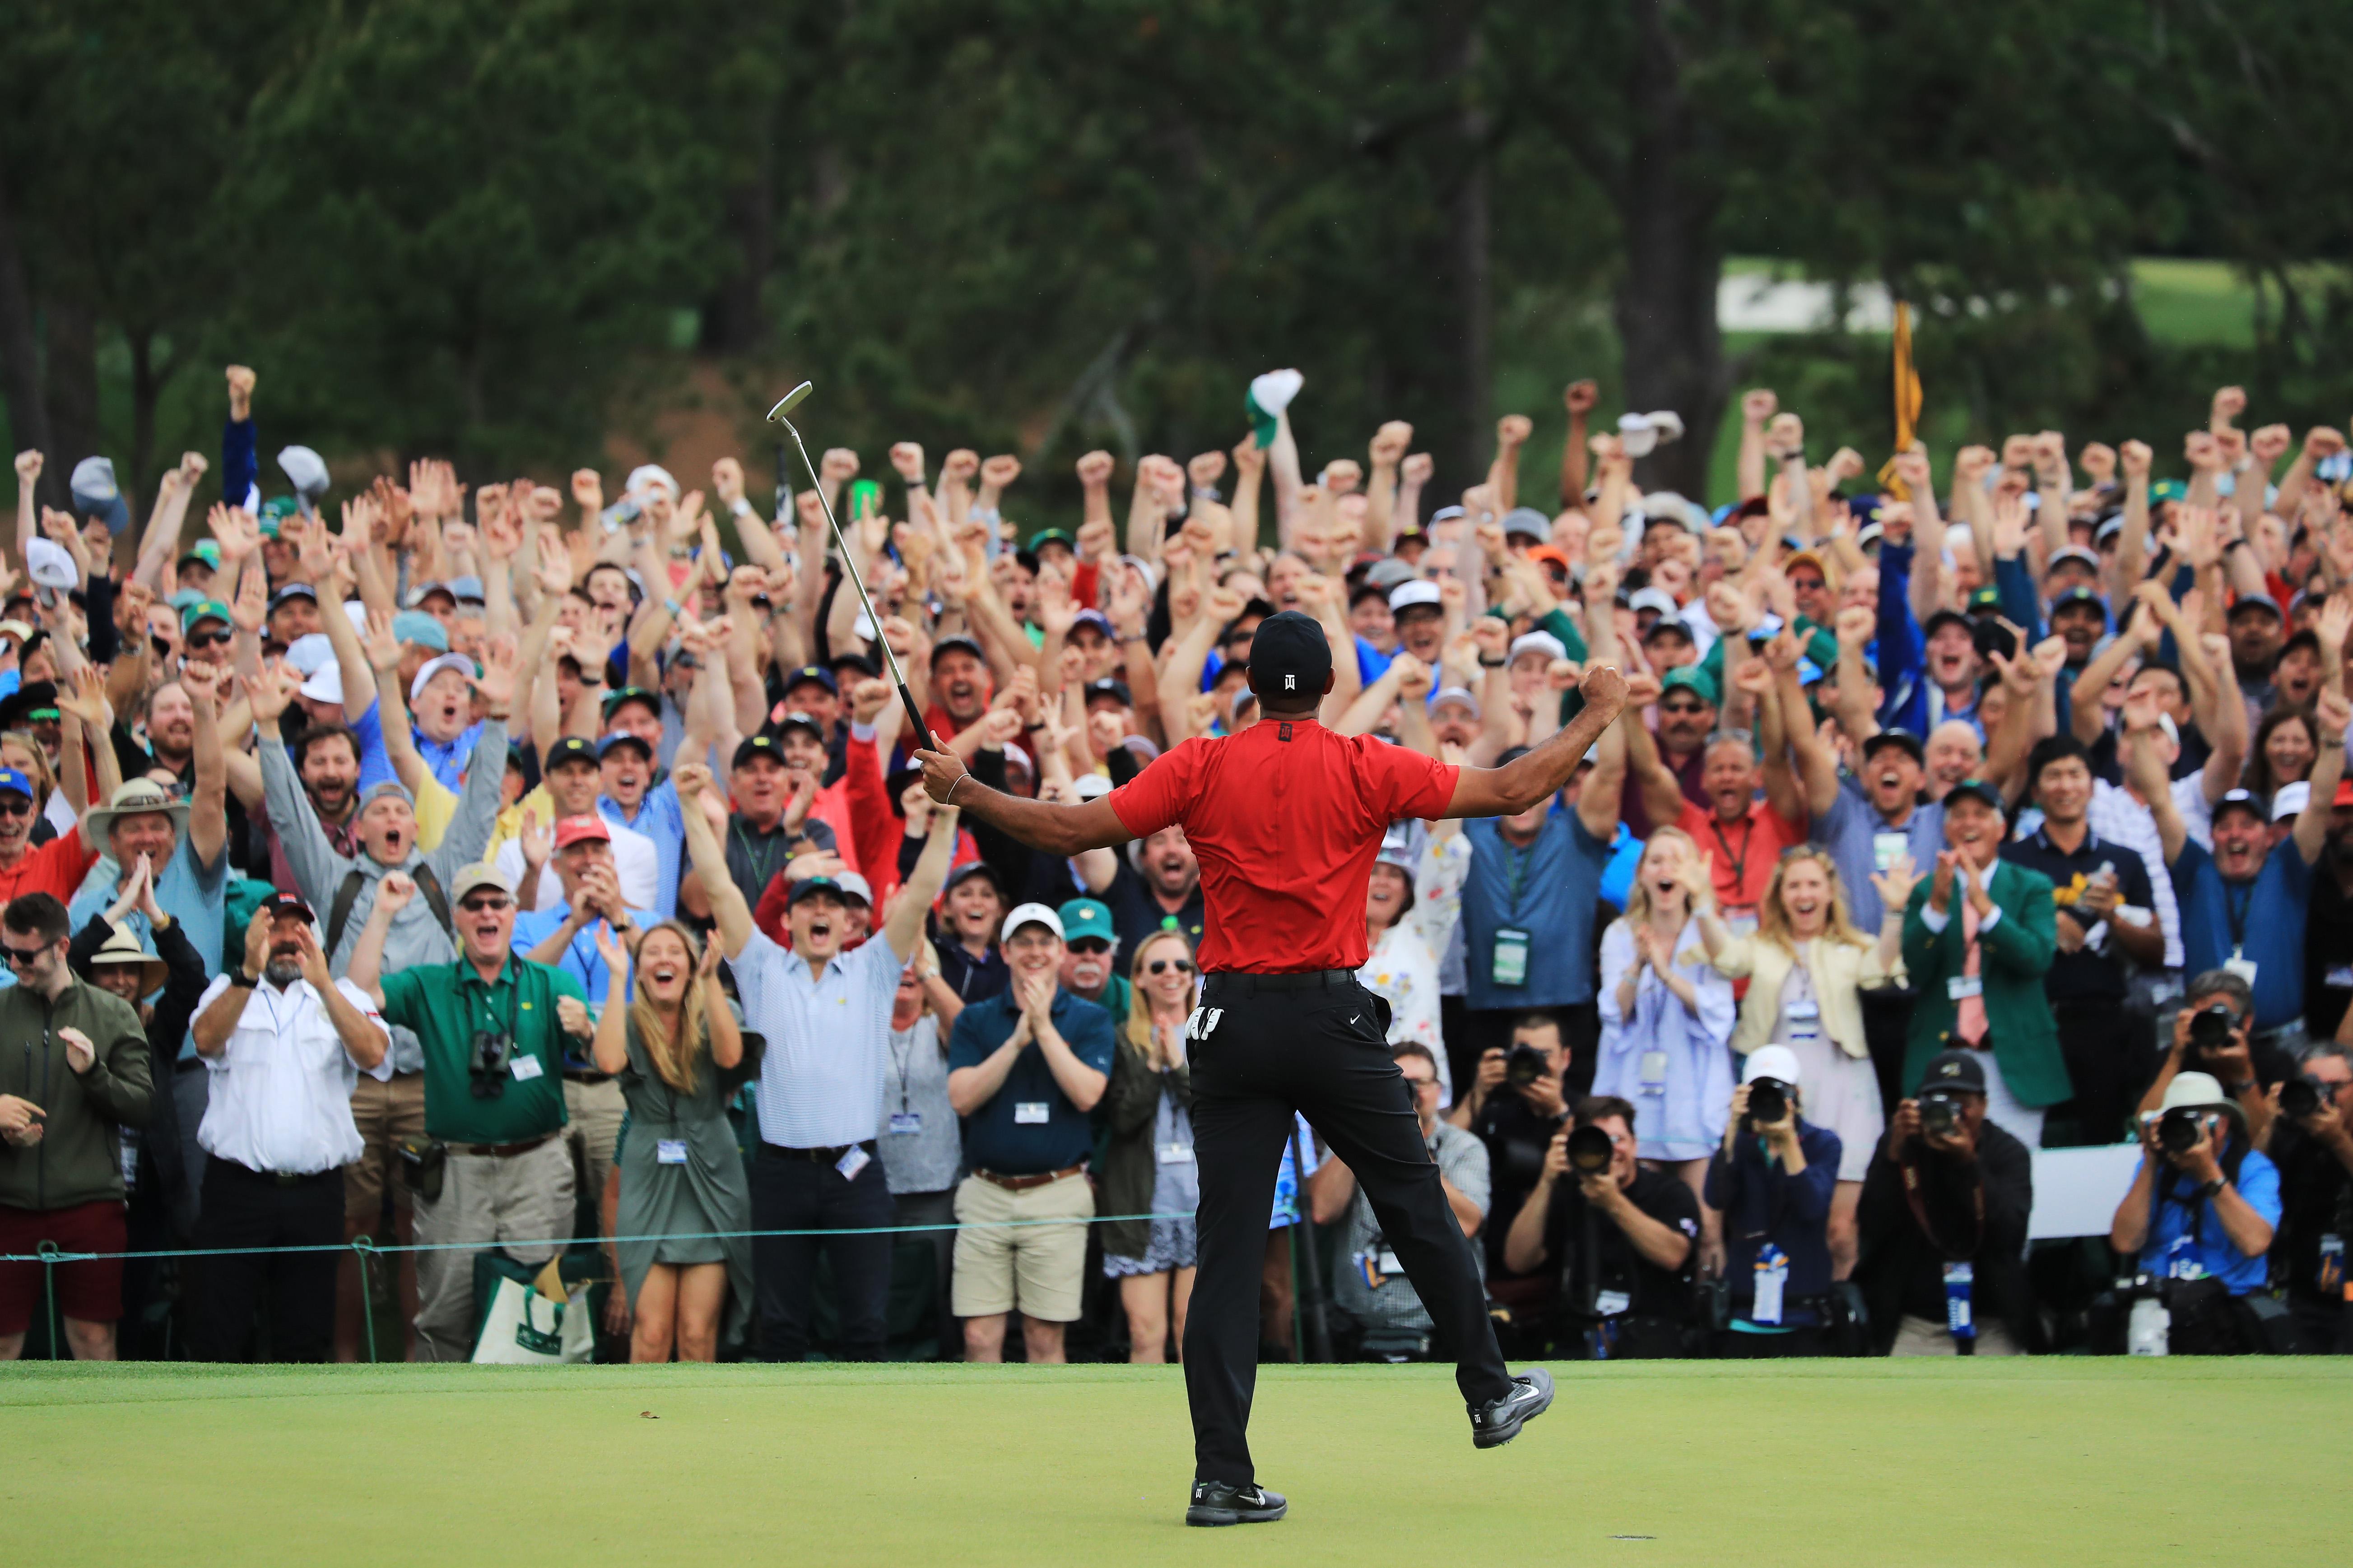 El festejo de la gente fue tan efusivo como el de Tiger Woods.